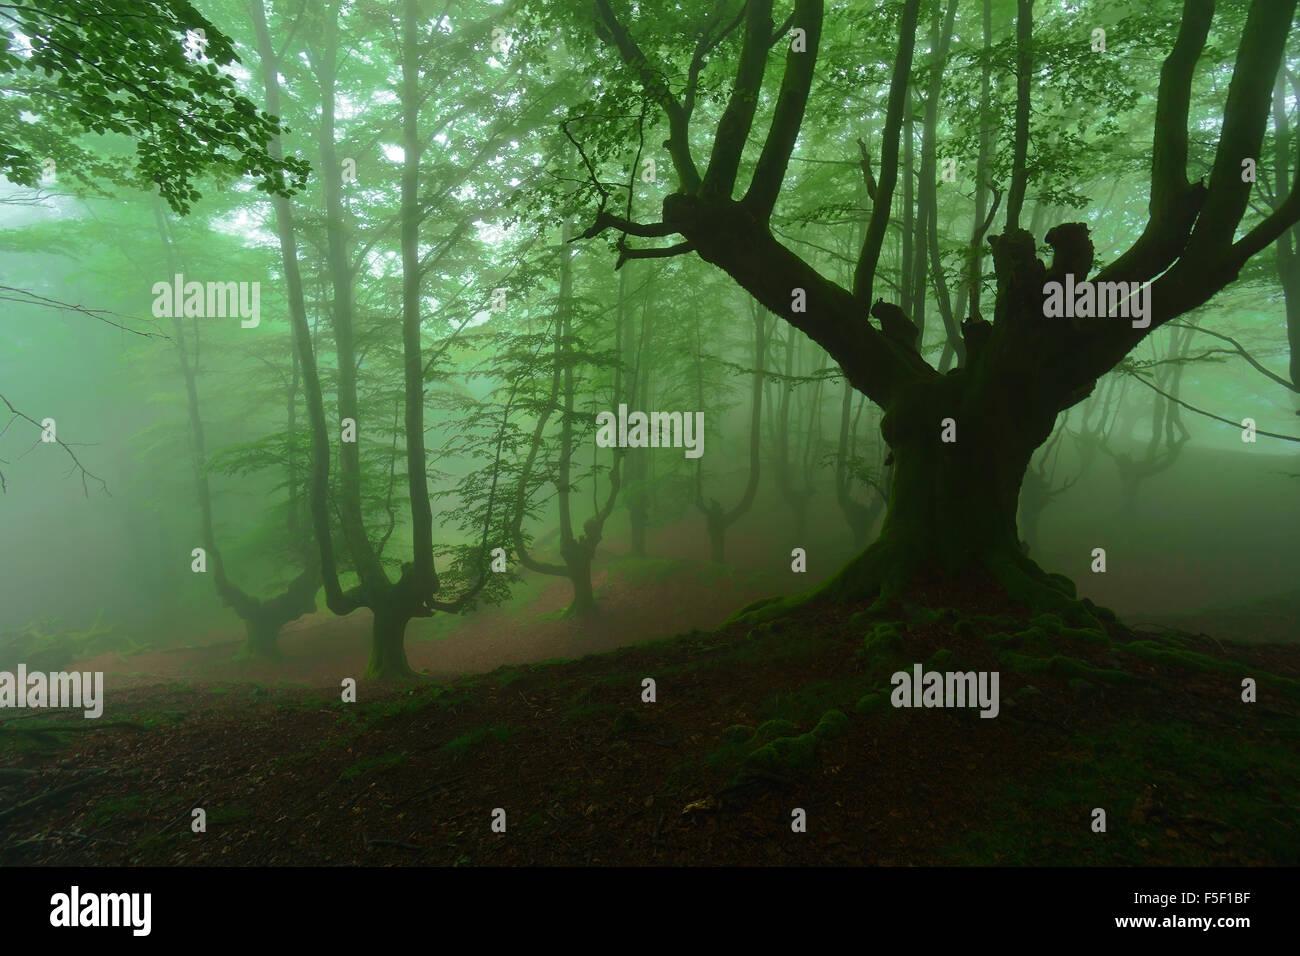 geheimnisvollen unheimlich Wald mit Nebel Stockbild